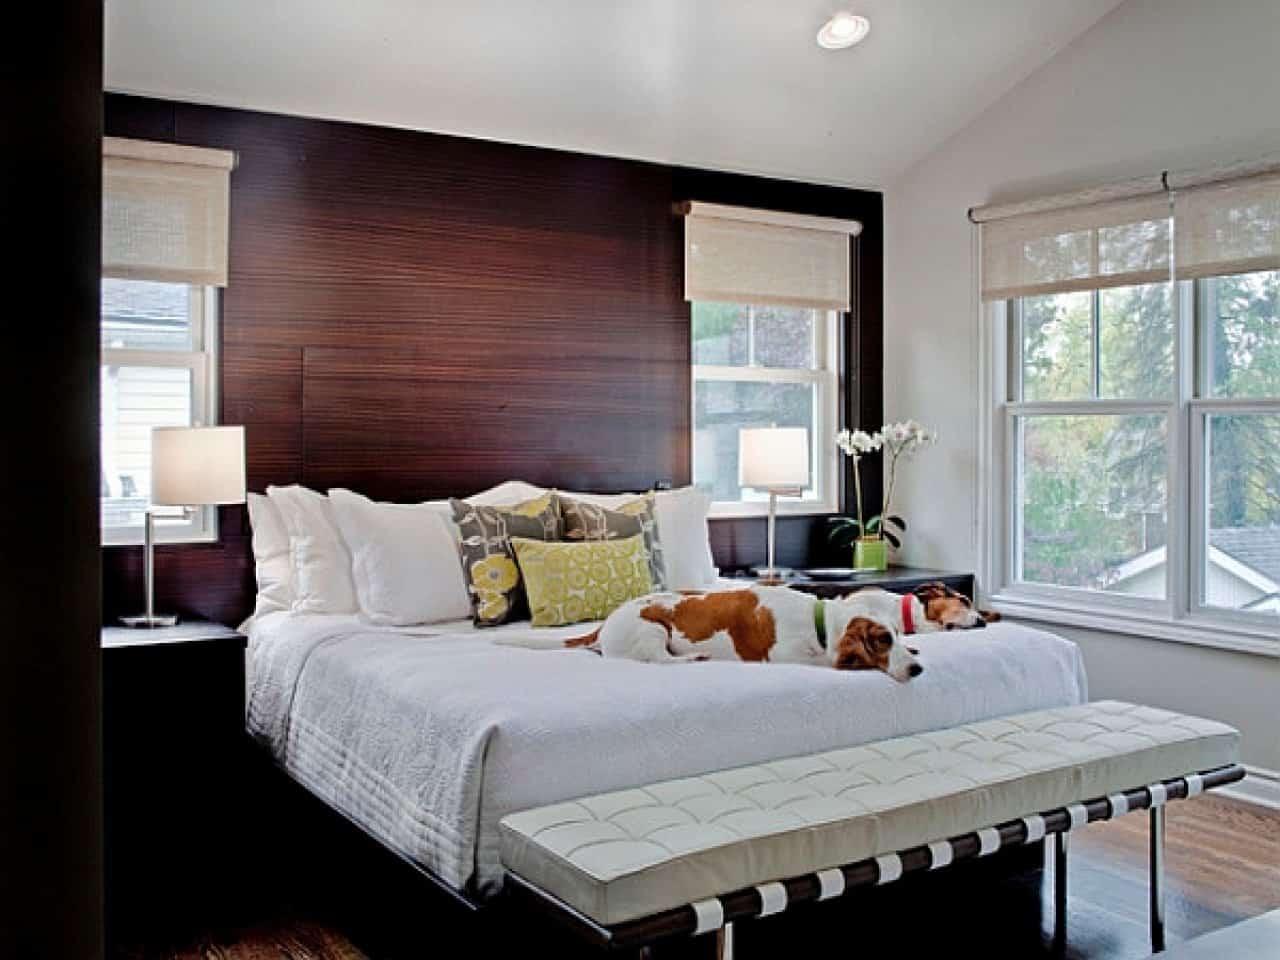 افكار تزيين حجرة النوم